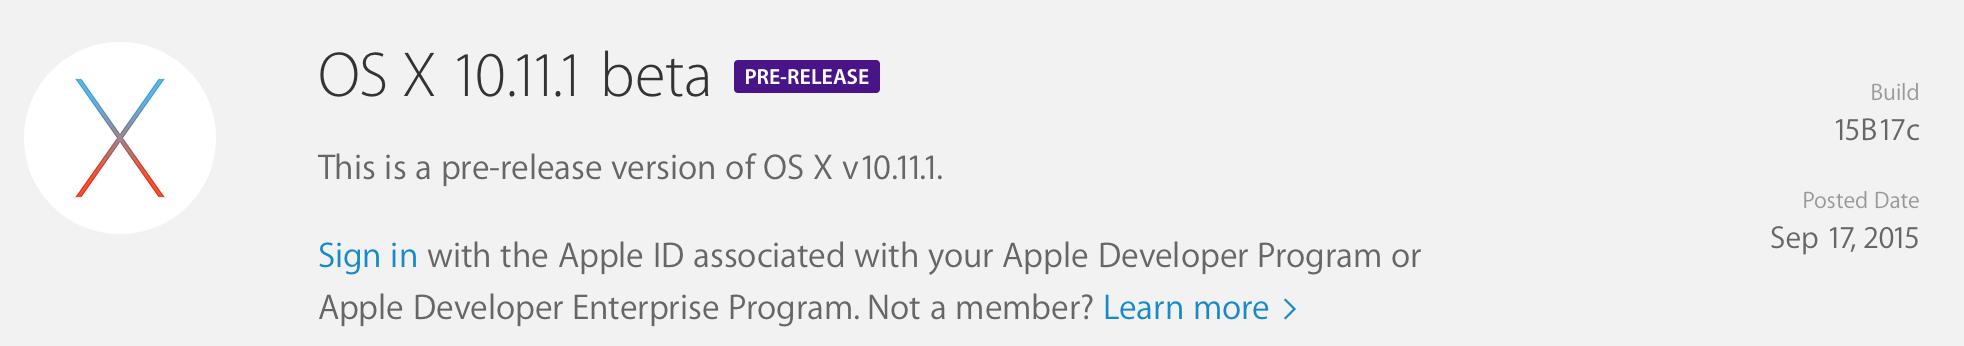 OS X Beta-Release-bildschirmfoto-2015-09-17-um-20.34.22.png